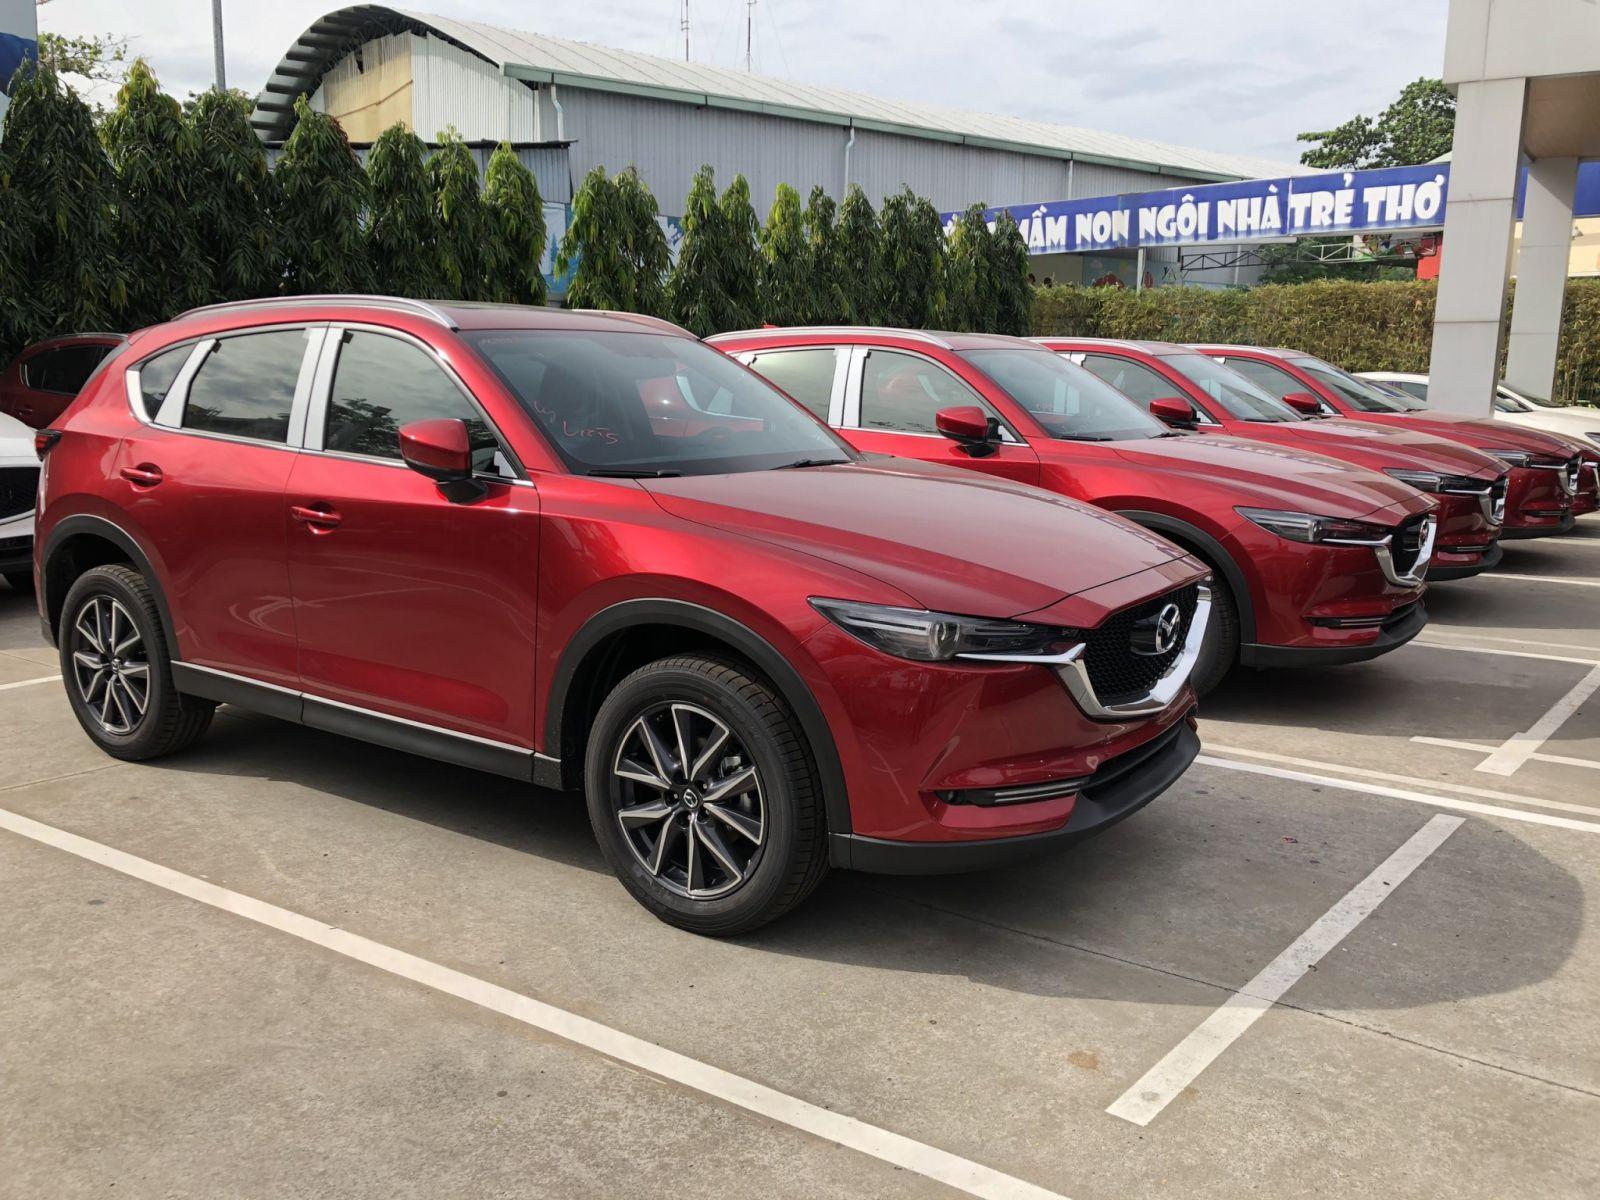 Đại Lý Xe Mazda Quận Phú Nhuận - Mazda CX-5- trả góp cx5